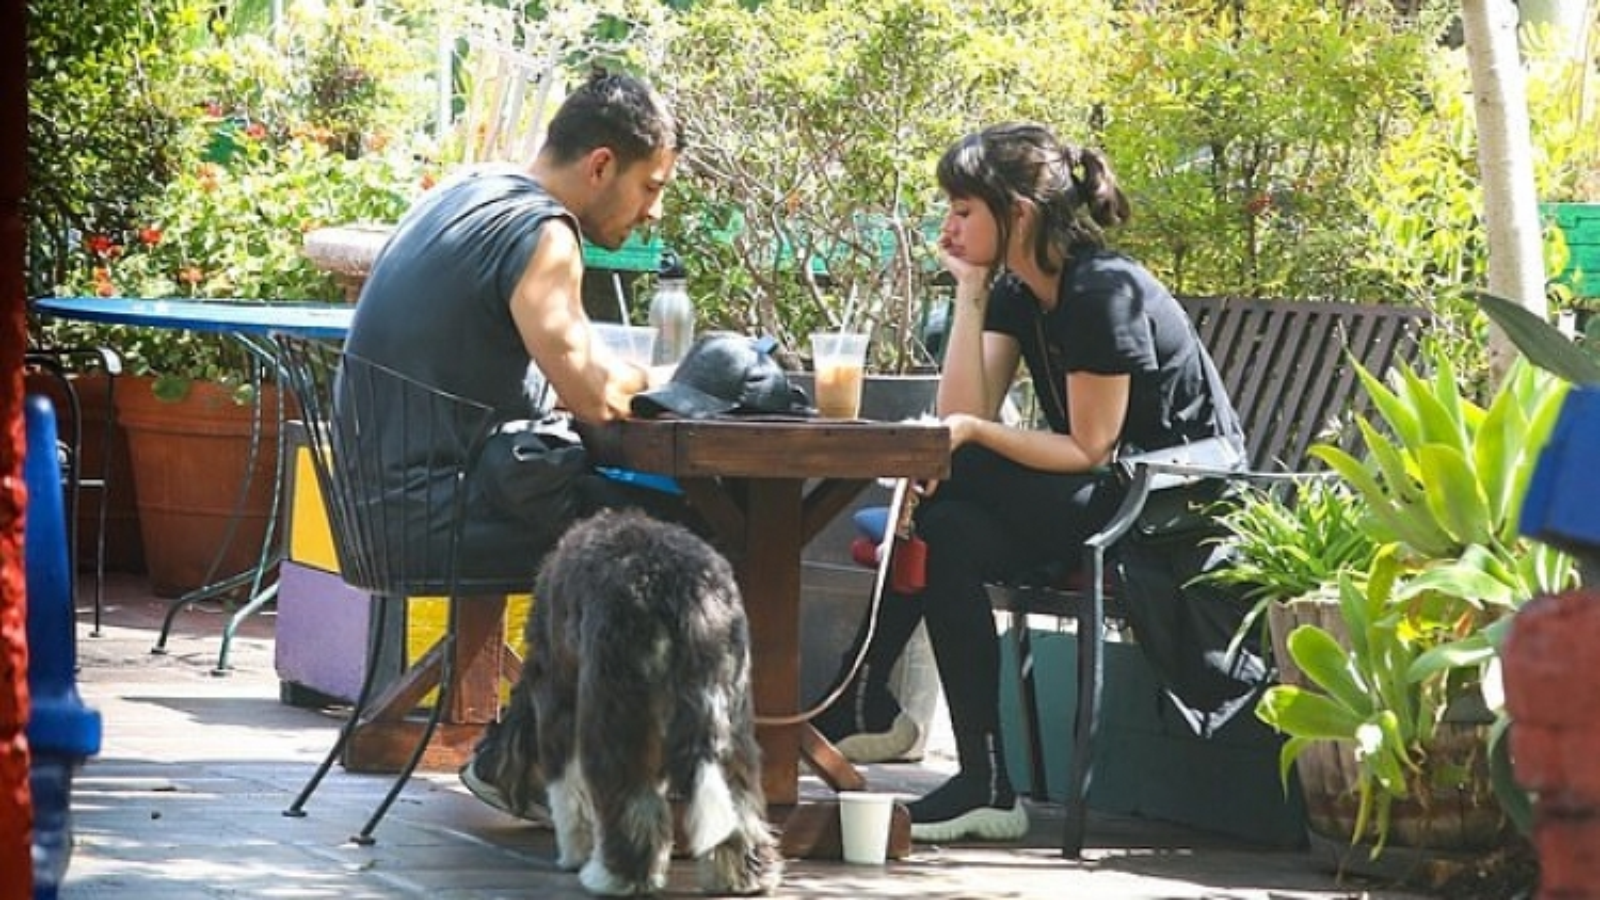 Ana de Armas xinh đẹp đi chơi cùng người đàn ông lạ mặt sau vài tháng chia tay Ben Affleck